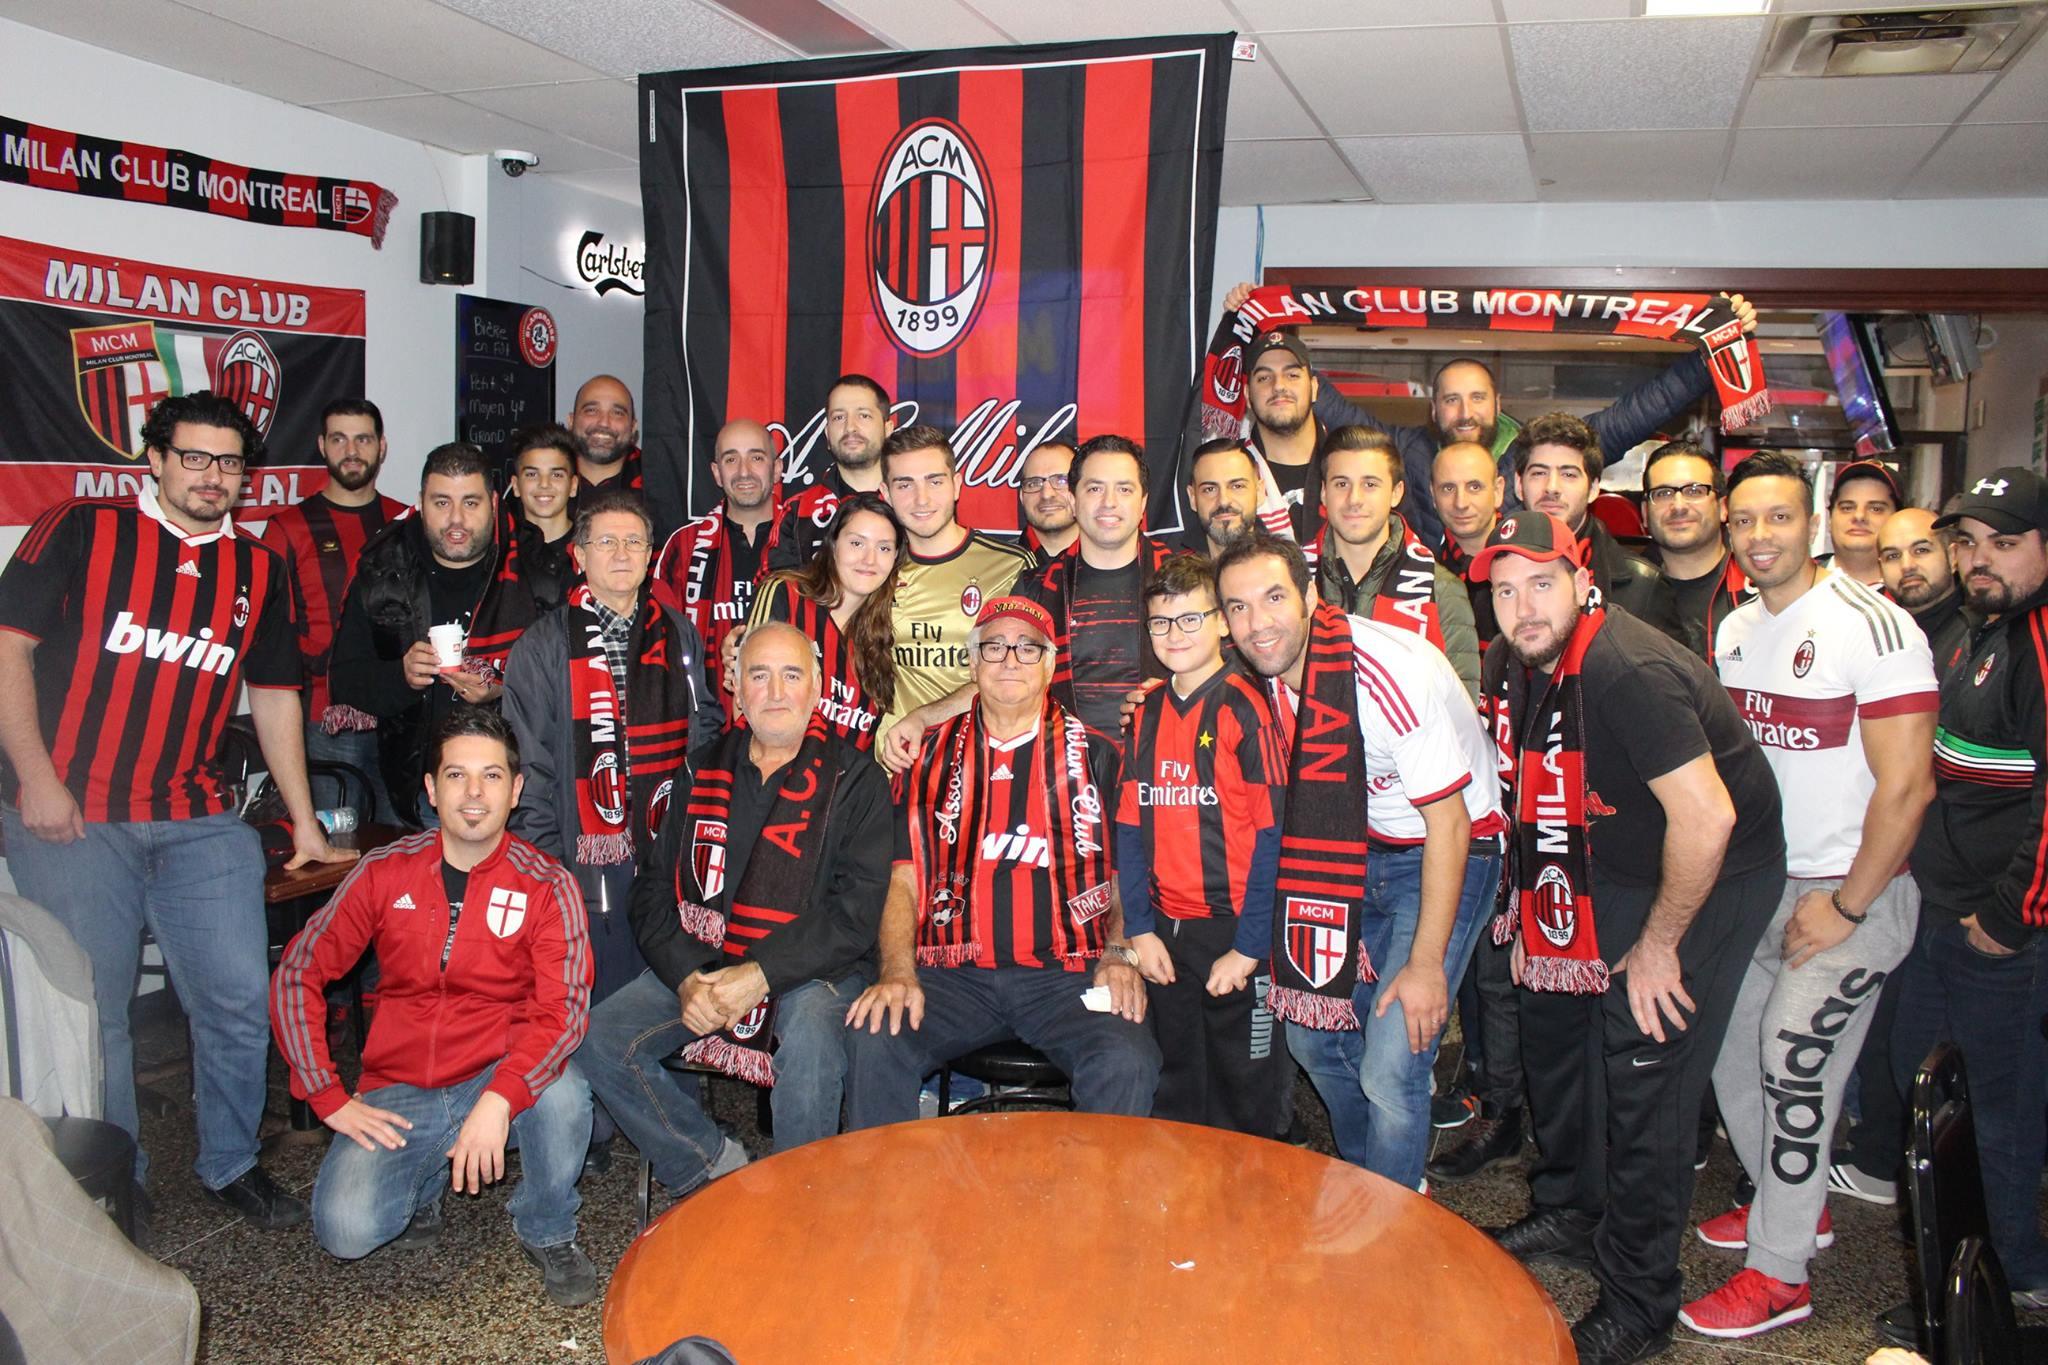 Milan Club Montreal